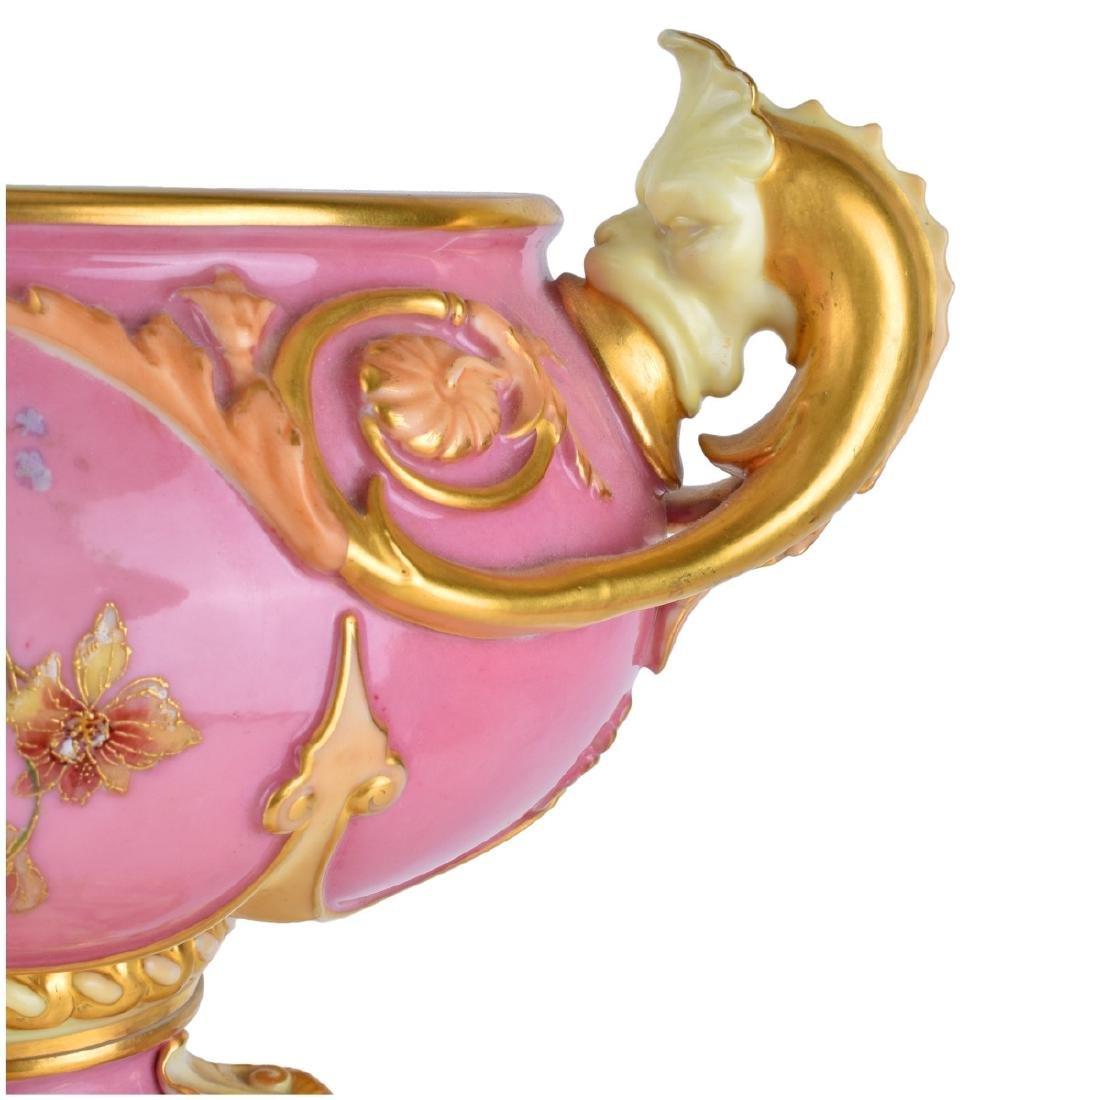 Large Royal Worcester Glazed Porcelain Centerpiece - 6